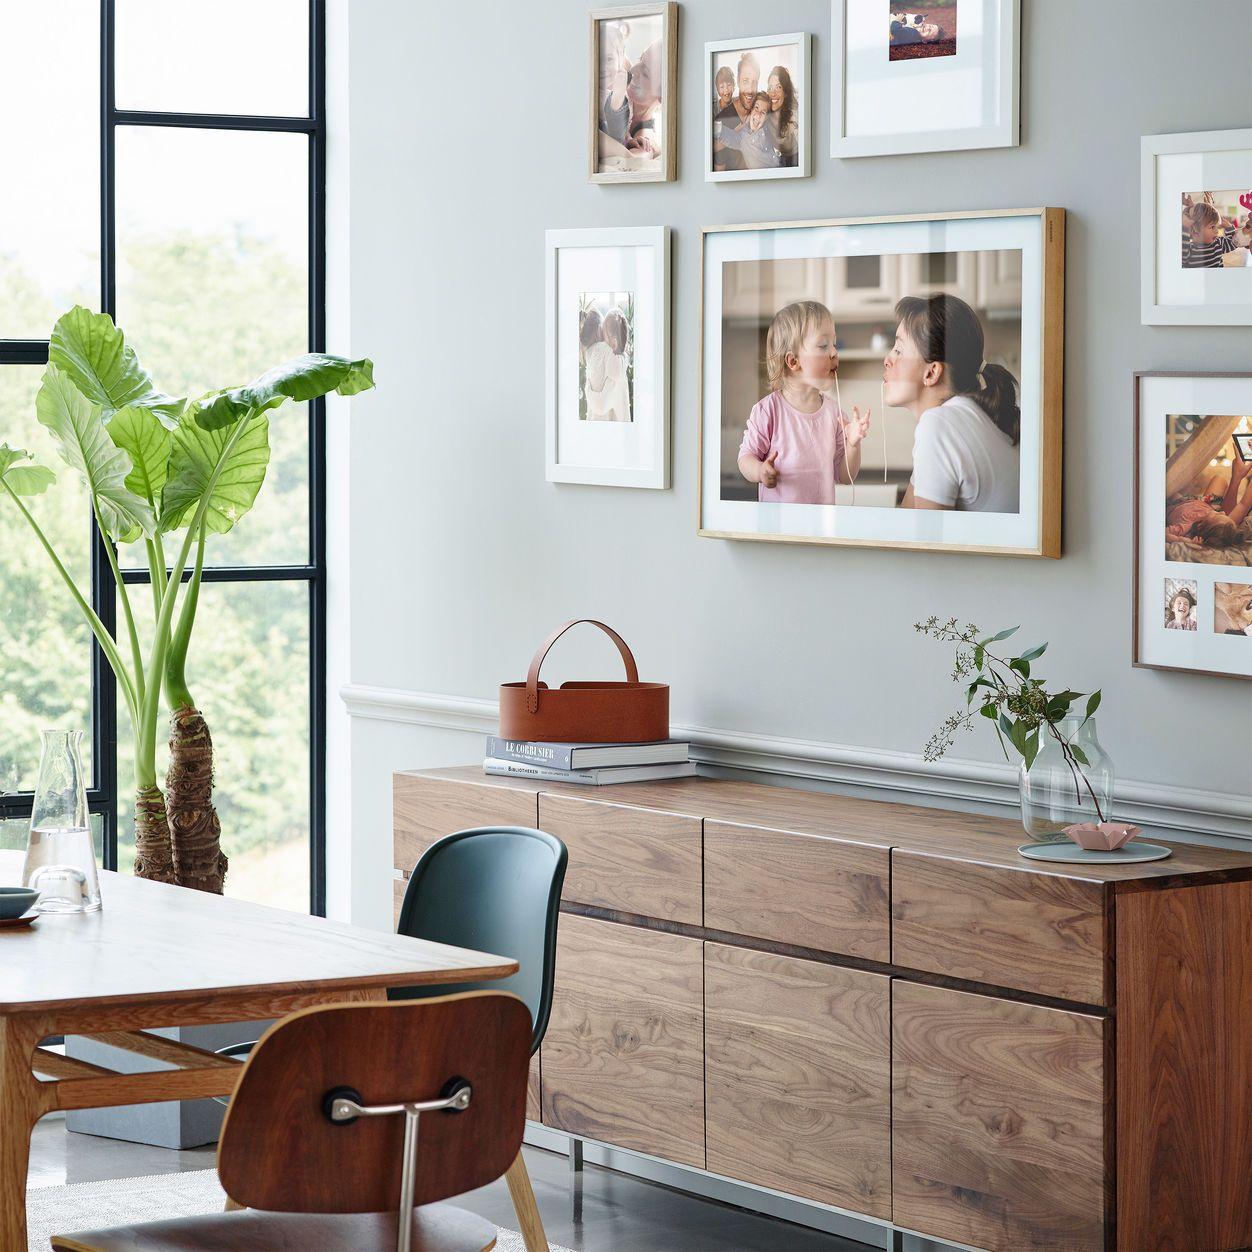 Samsung The Frame 4 0 Tv 2020 Home Decor Framed Tv Home